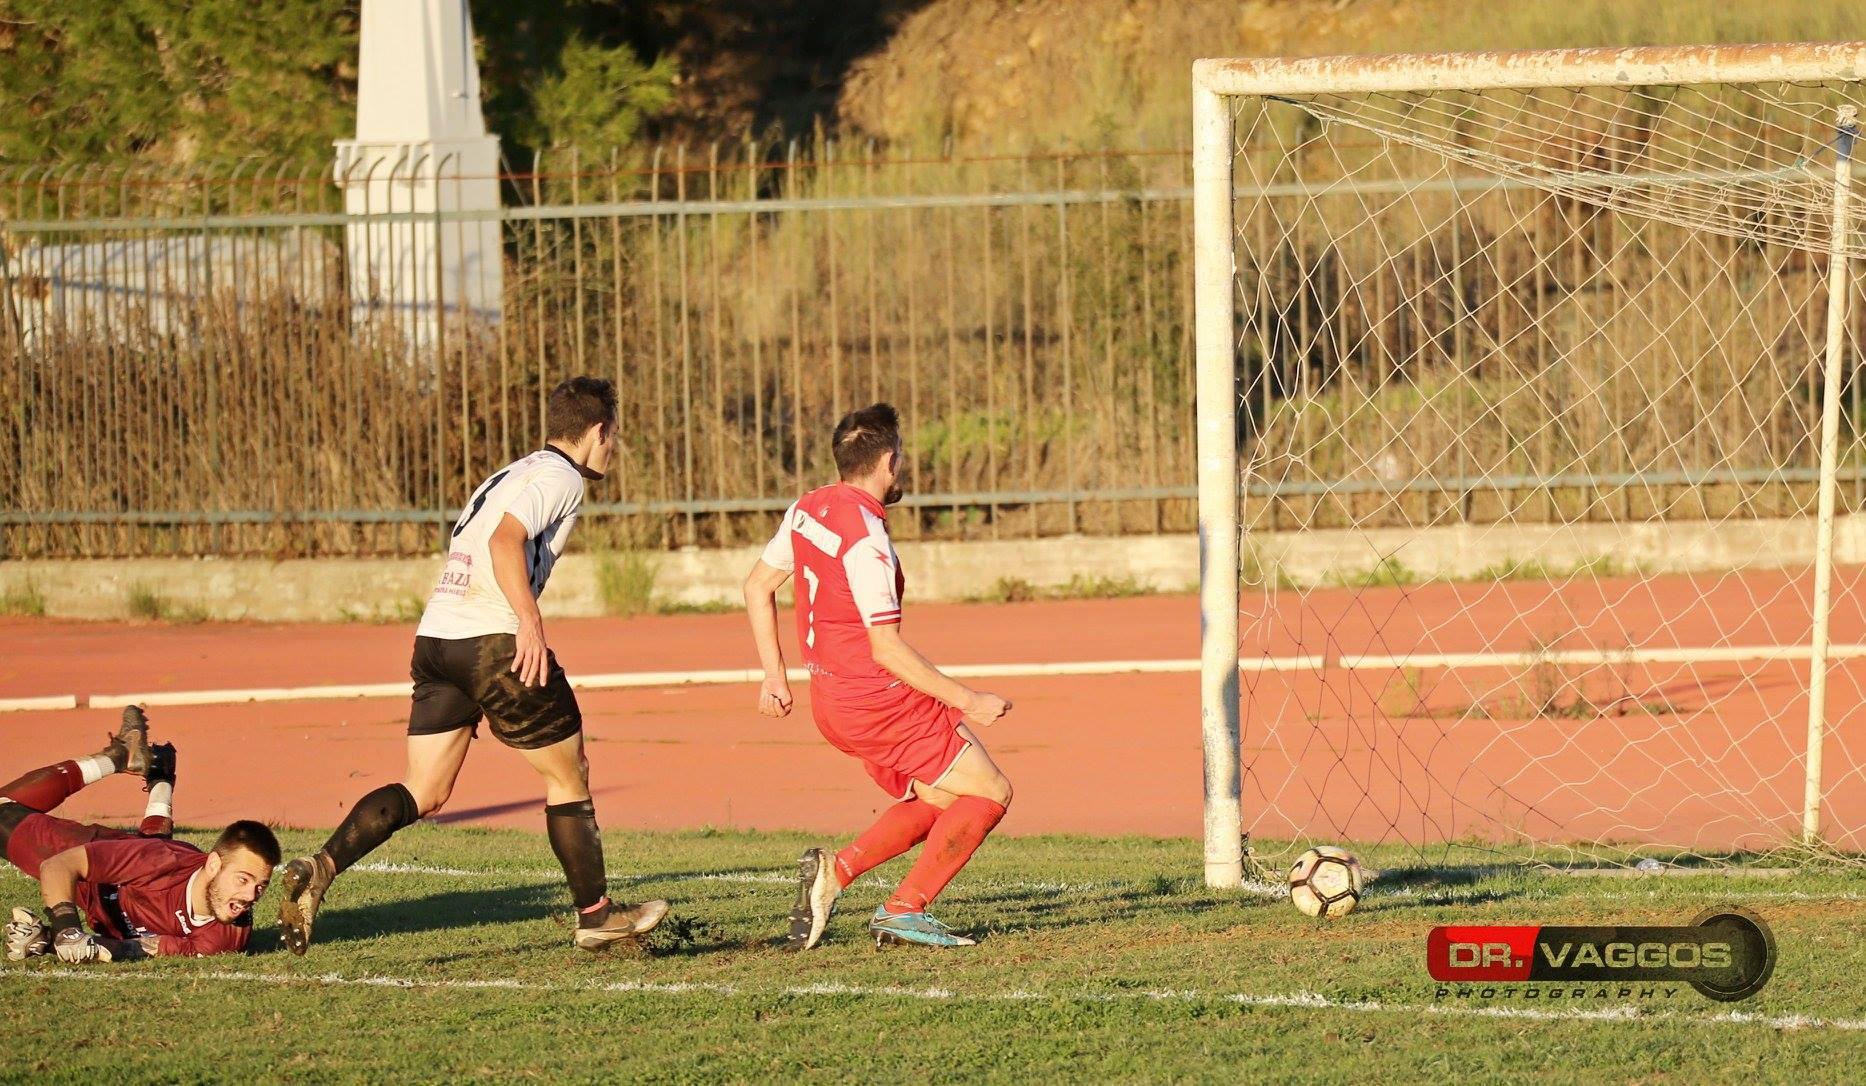 Κύπελλο Ηλείας: H νίκη-πρόκριση (0-1) του Πανηλειακού επί του Αστέρα Αμαλιάδας!